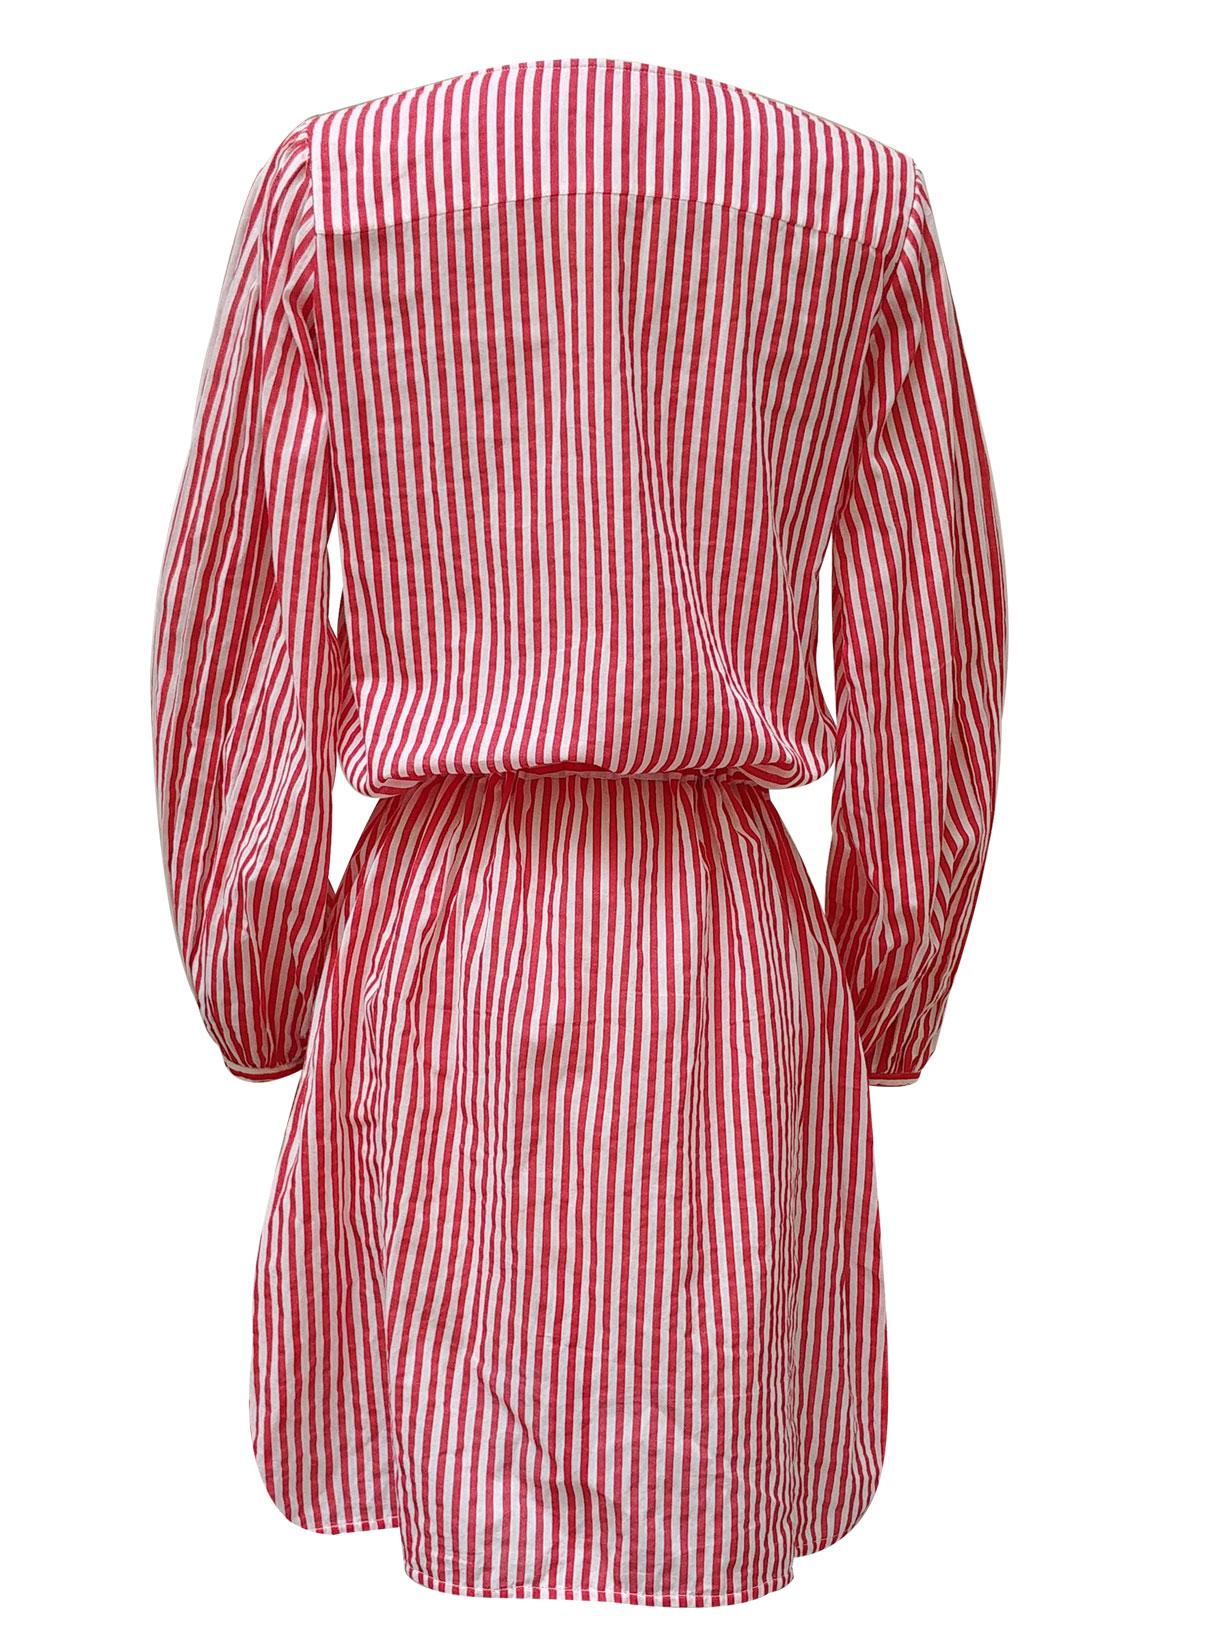 Robe chemise courte en coton bio rayé rouge - Myphilosophy